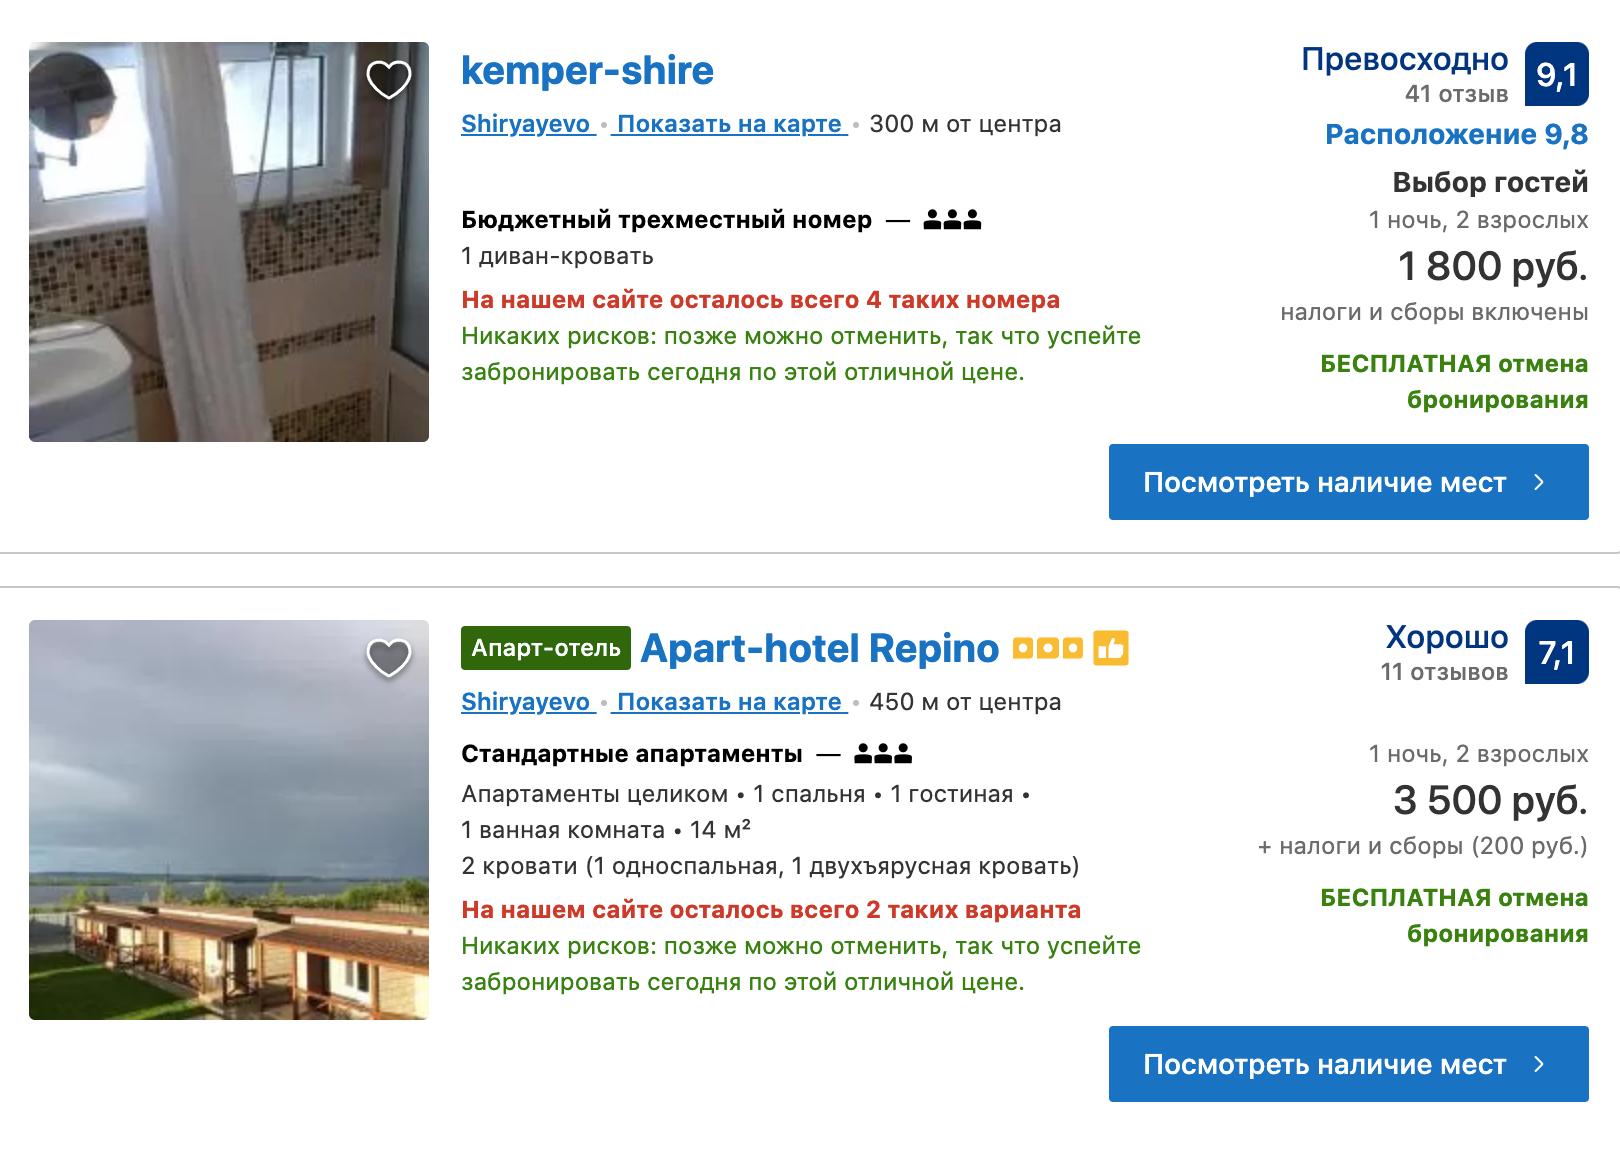 Бывает, что в сезон свободных номеров в ширяевских гостиницах не найти